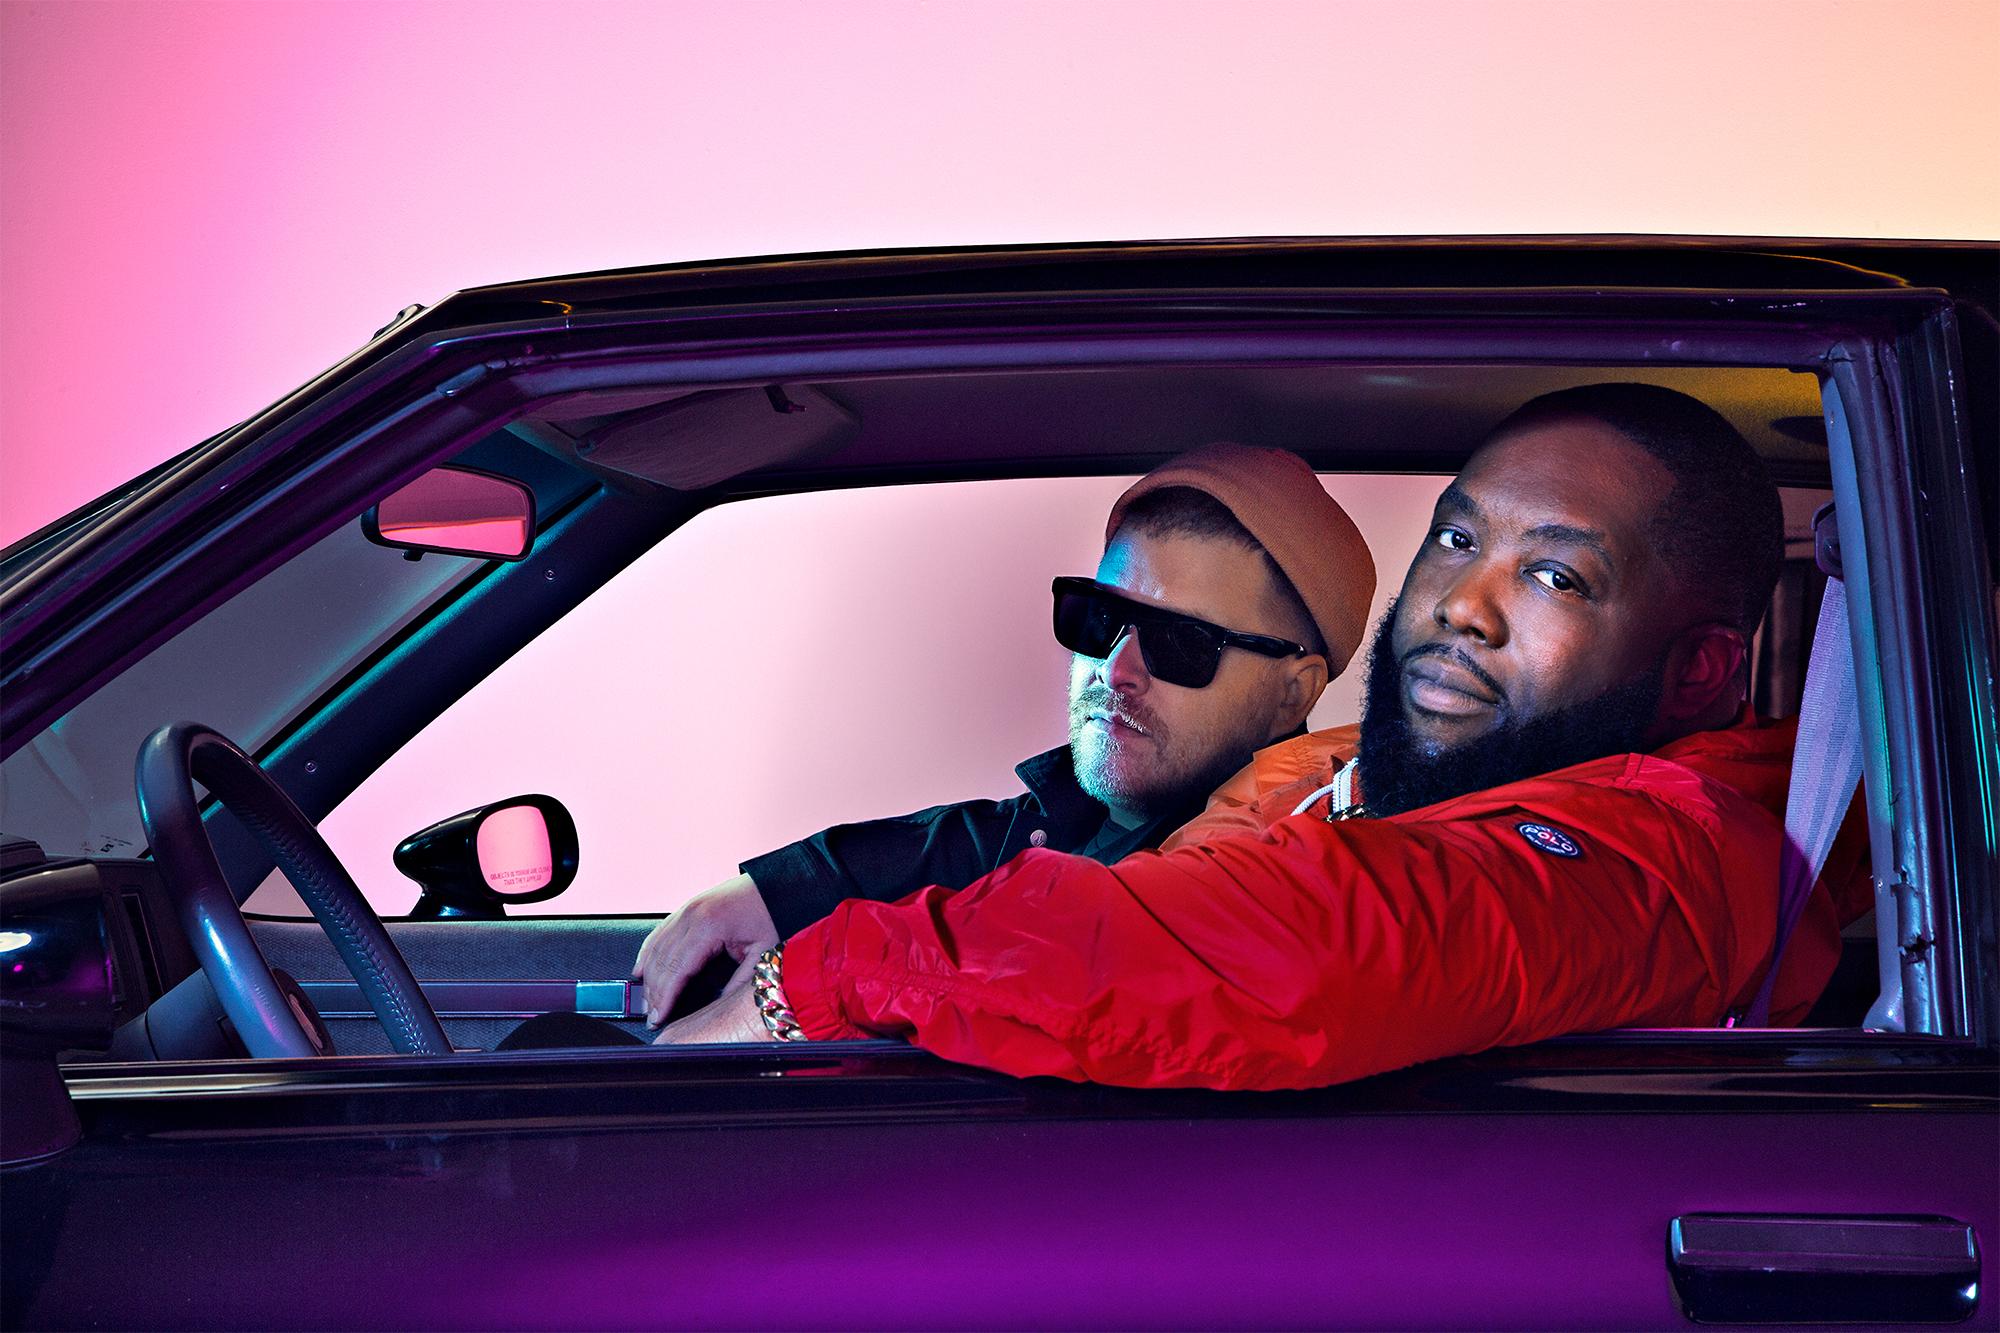 Persfoto van Run The Jewels, met daarop Killer Mike en El-P, afgebeeld in de iconische 'Grand Natty'-auto die meerdere malen genoemd wordt in hun rap-teksten.